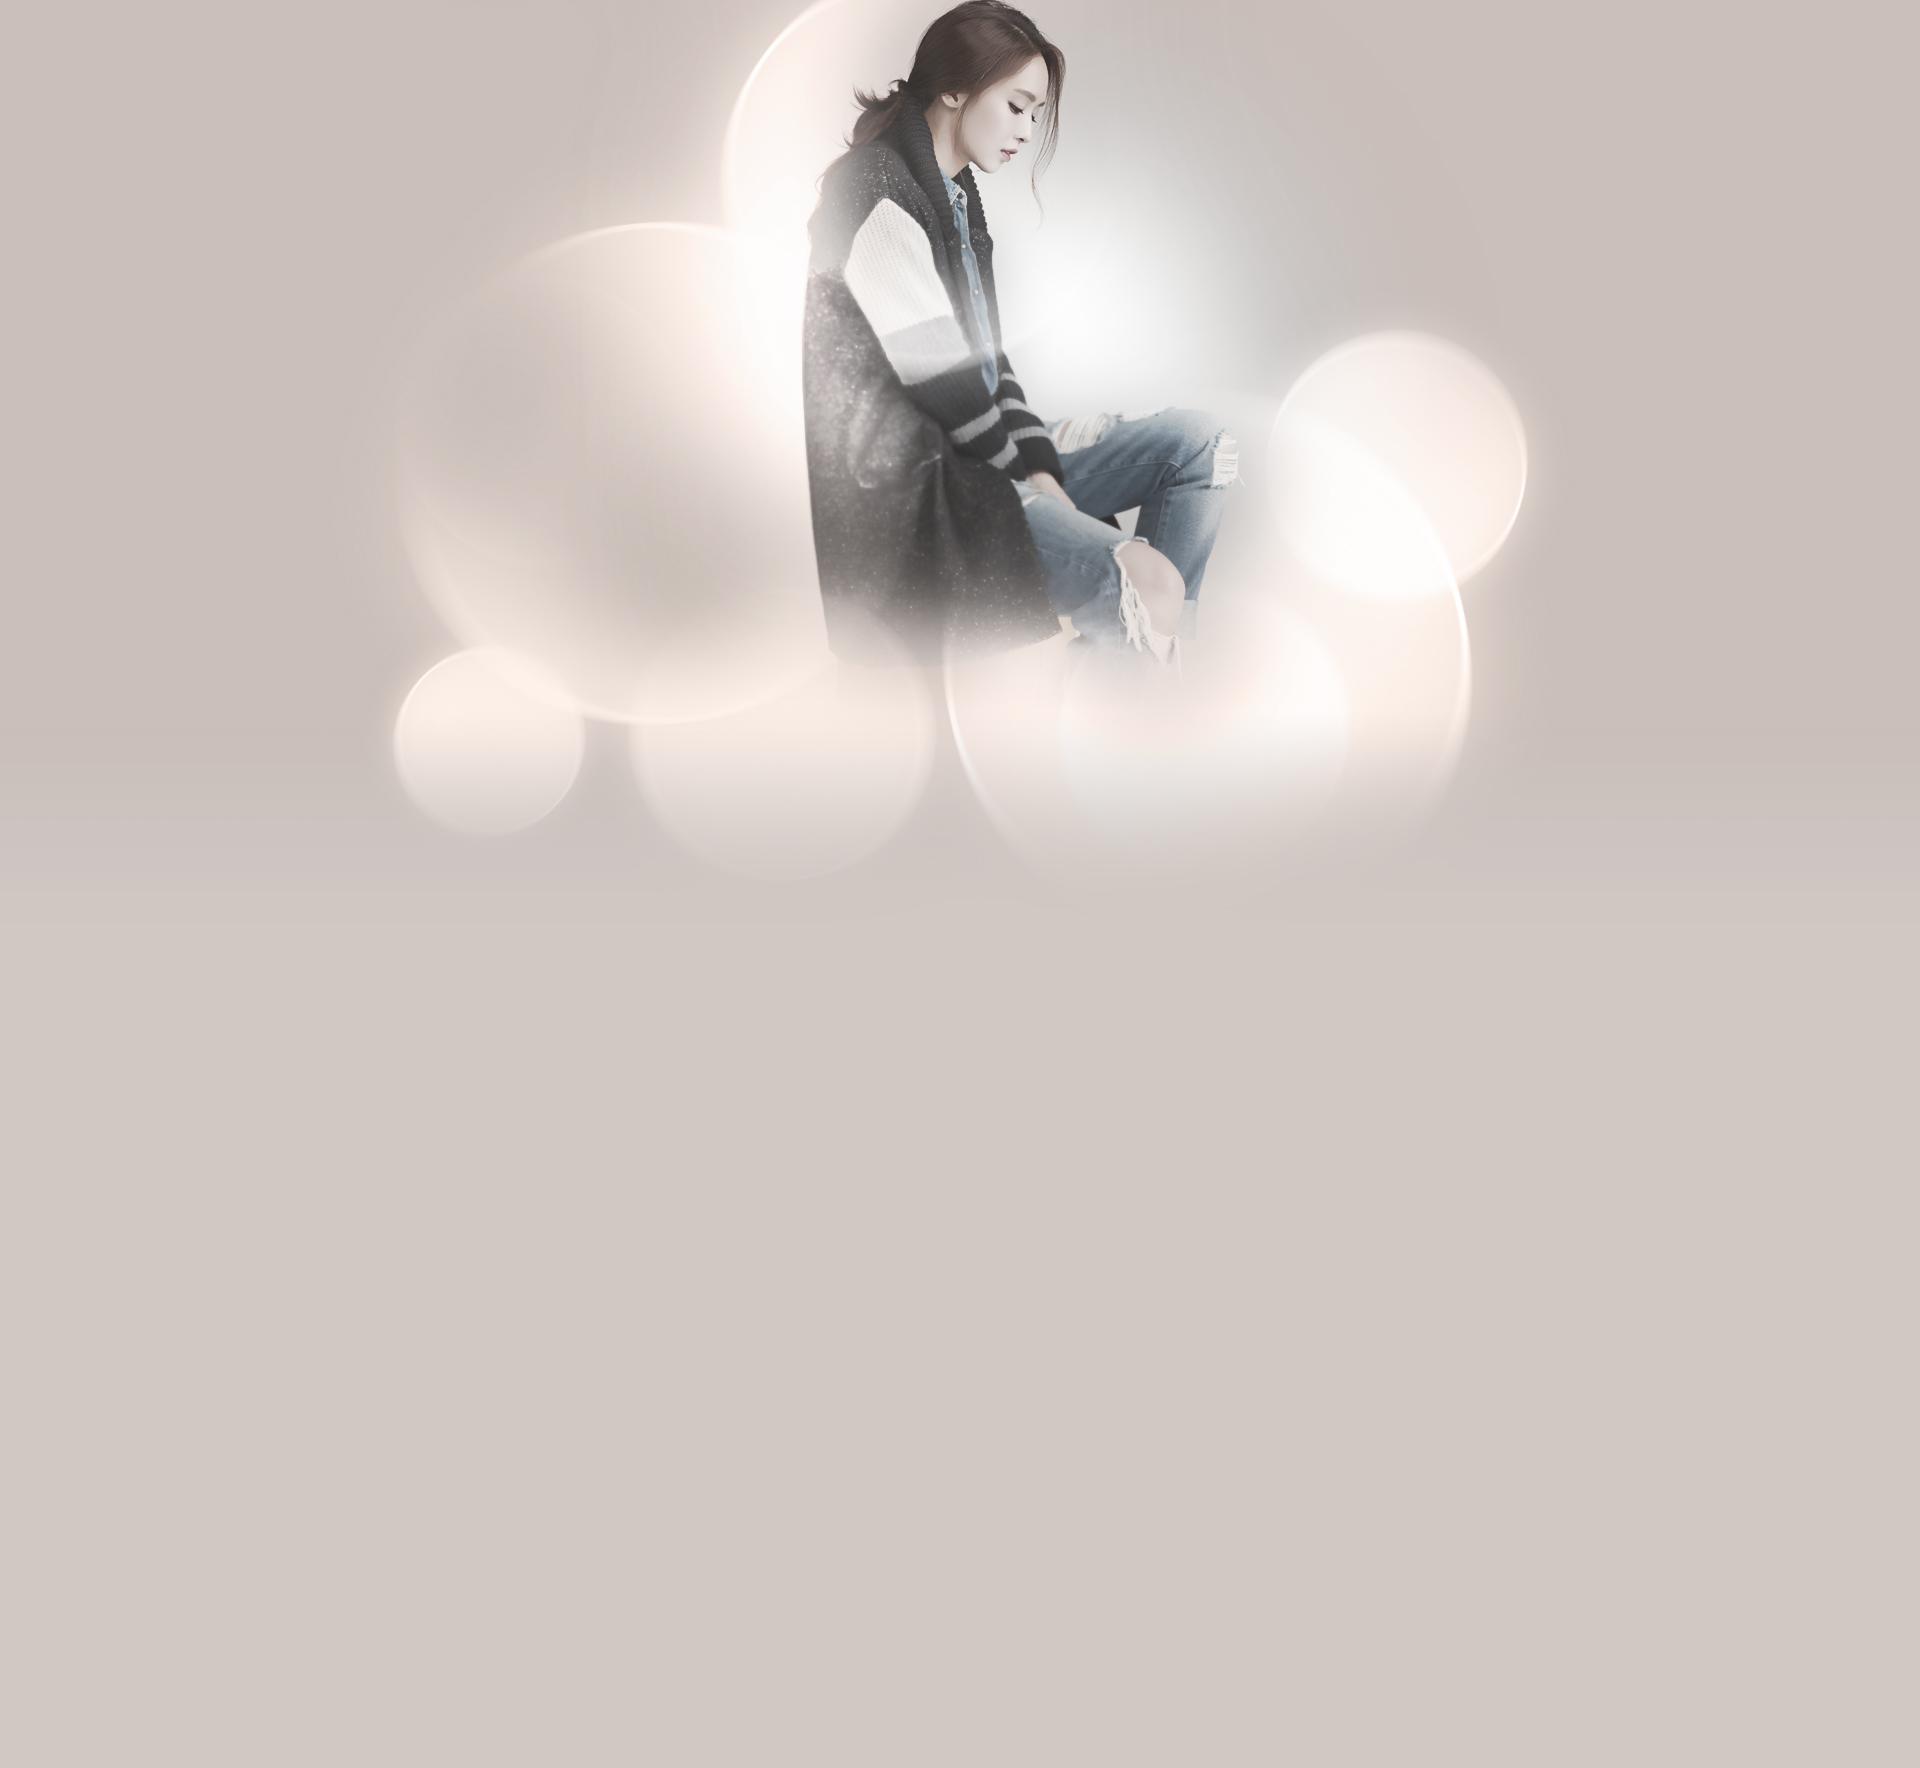 박정아 세번째 이미지